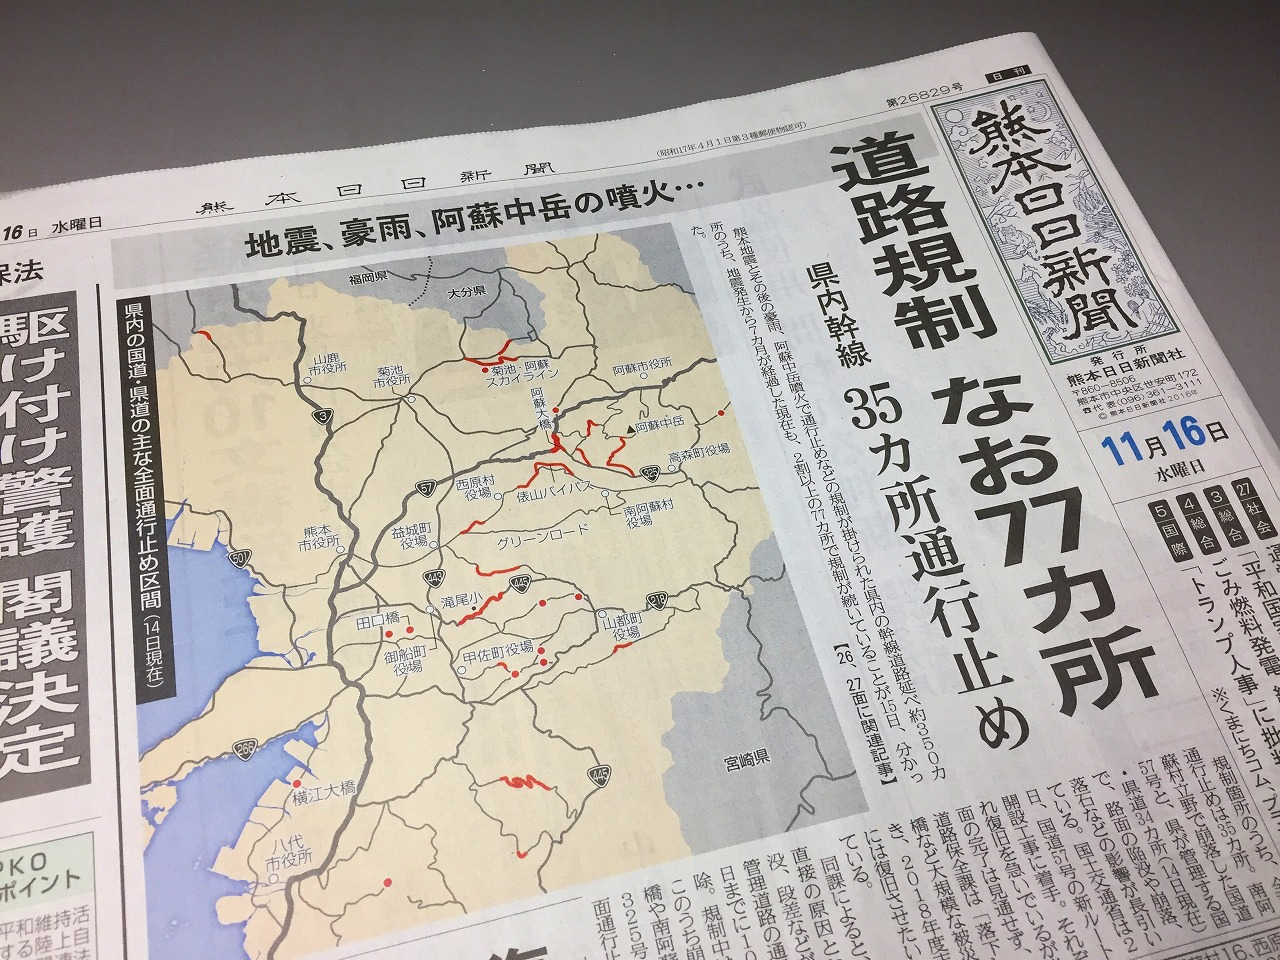 熊本地震による道路の通行止め 2016.11.16